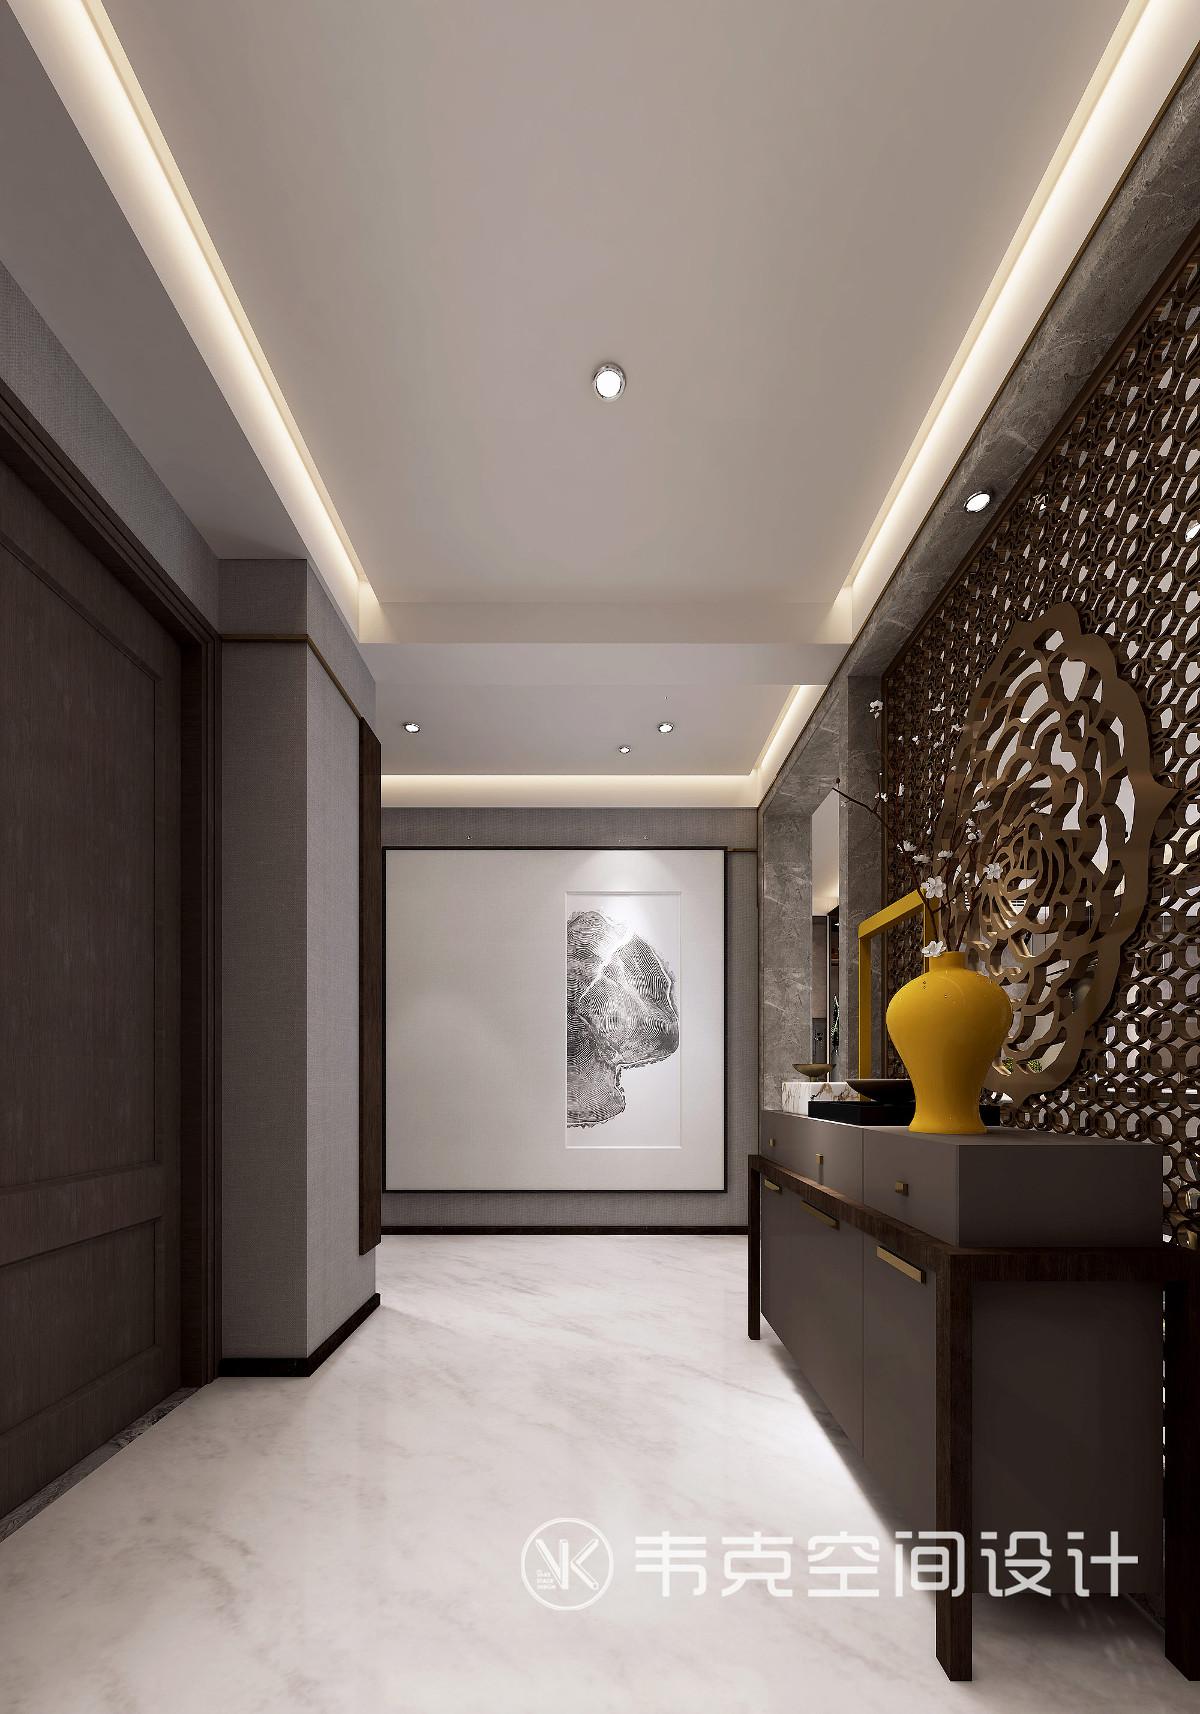 古人多喜爱在博古架上放置一些瓷器装饰,瓷器肌理的天然质感与自然属性和以灰色调、简约造型的方式呈现,可以更为巧妙地突出玄关主题。